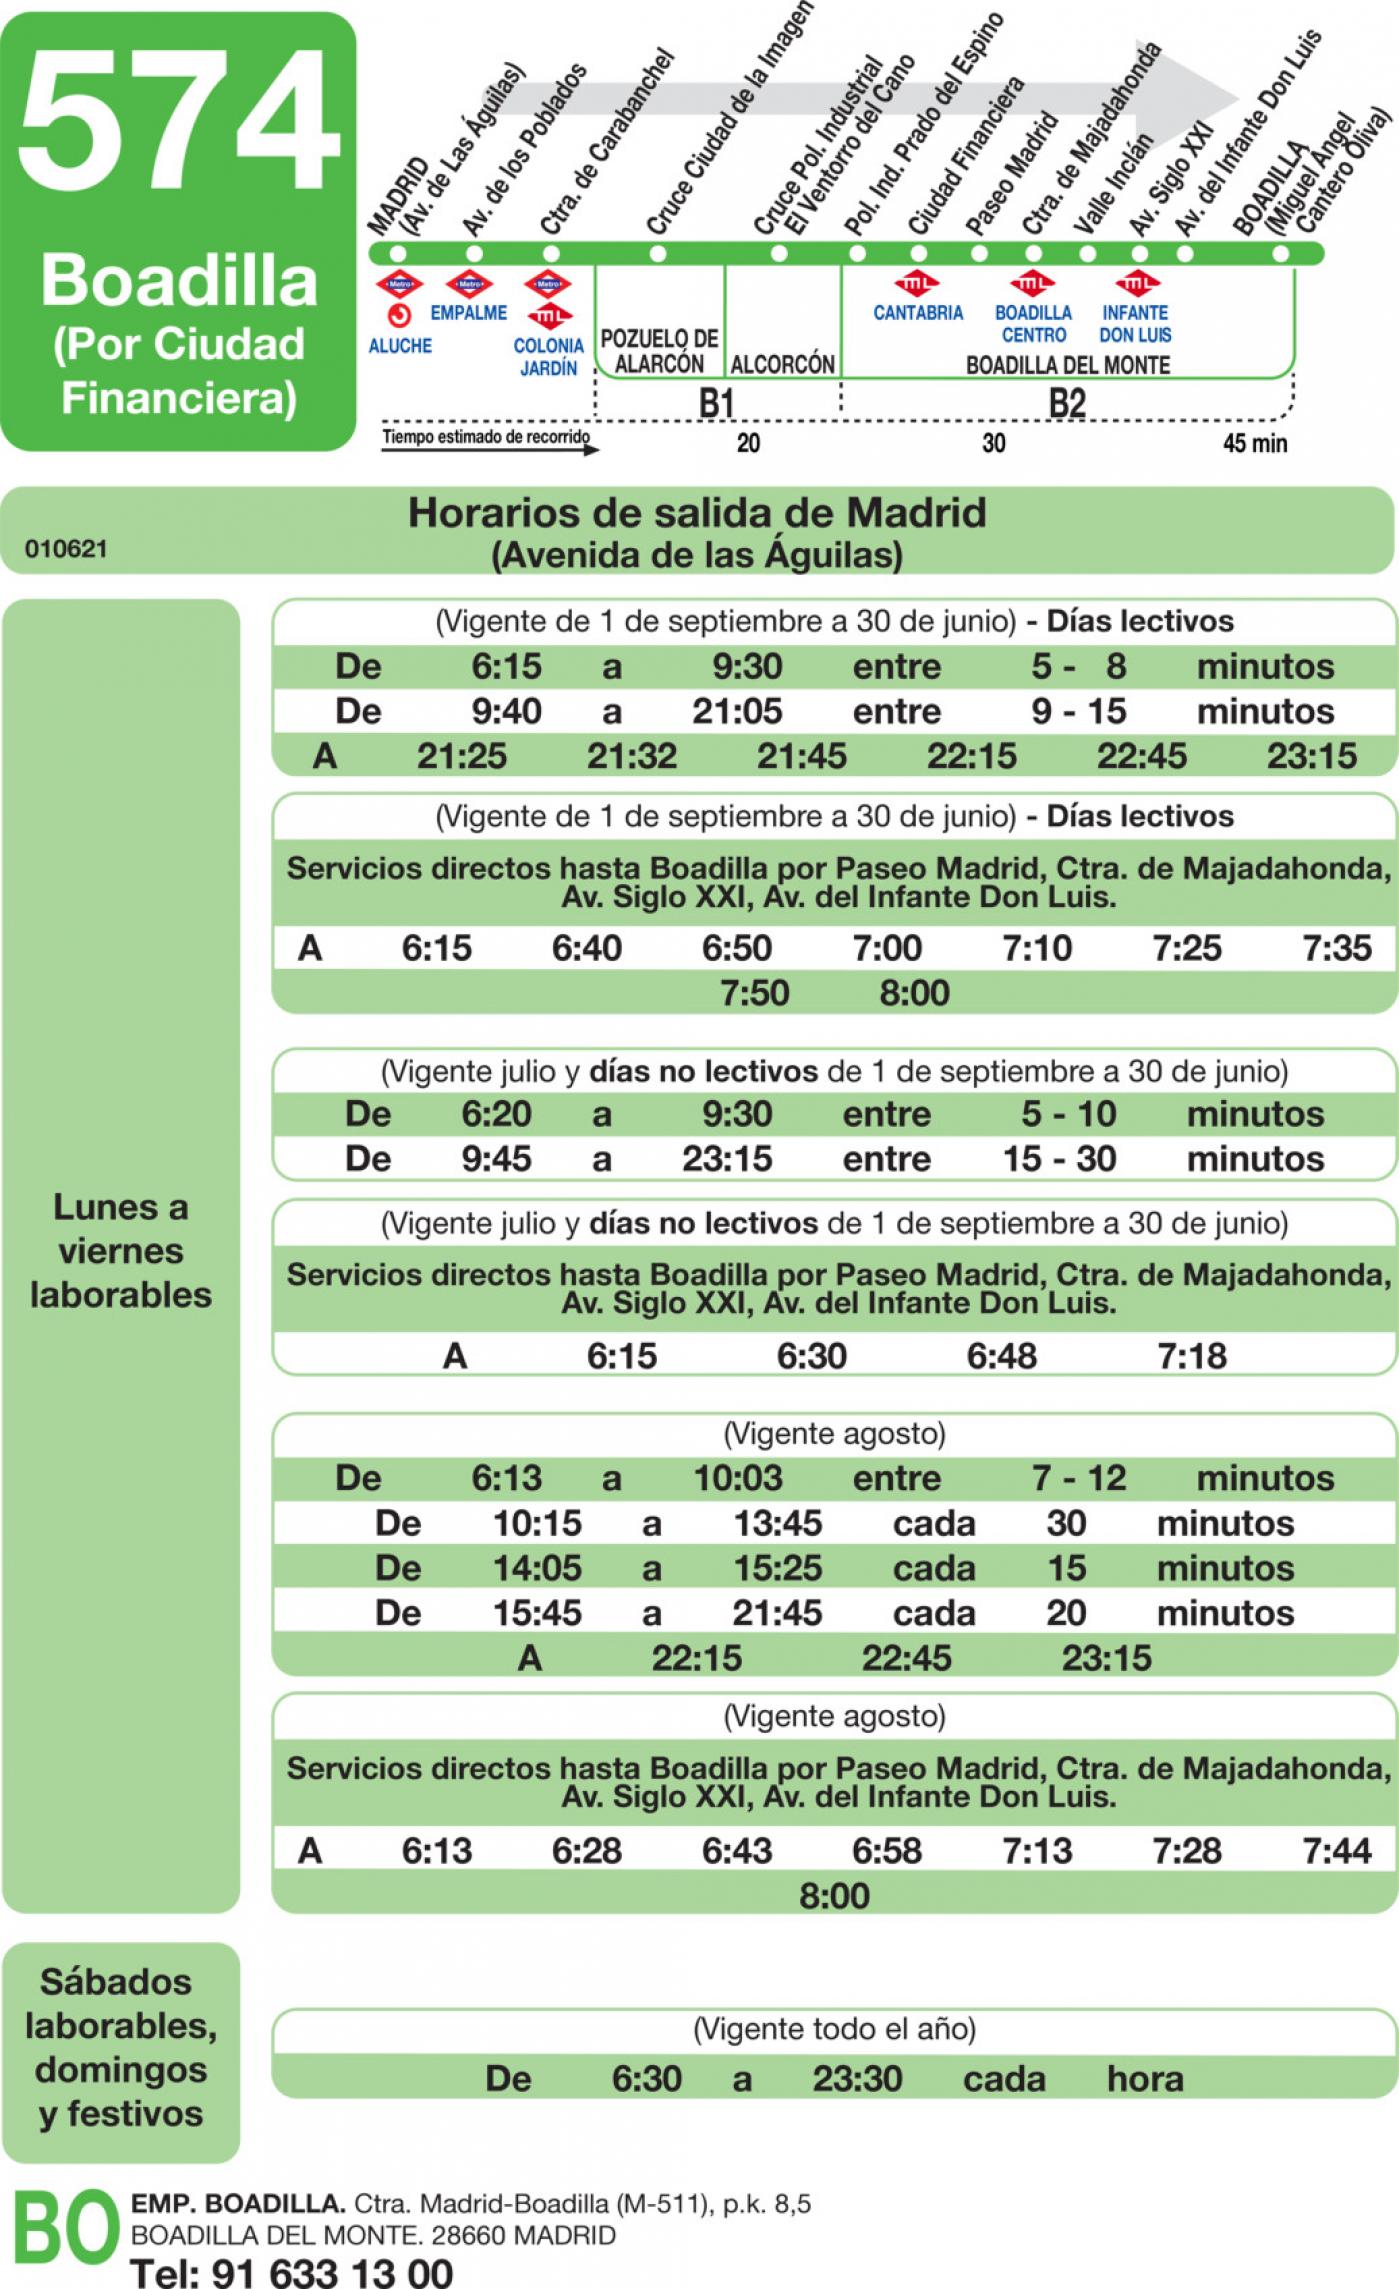 Tabla de horarios y frecuencias de paso en sentido ida Línea 574: Madrid (Aluche) - Boadilla del Monte (Ciudad Financiera)